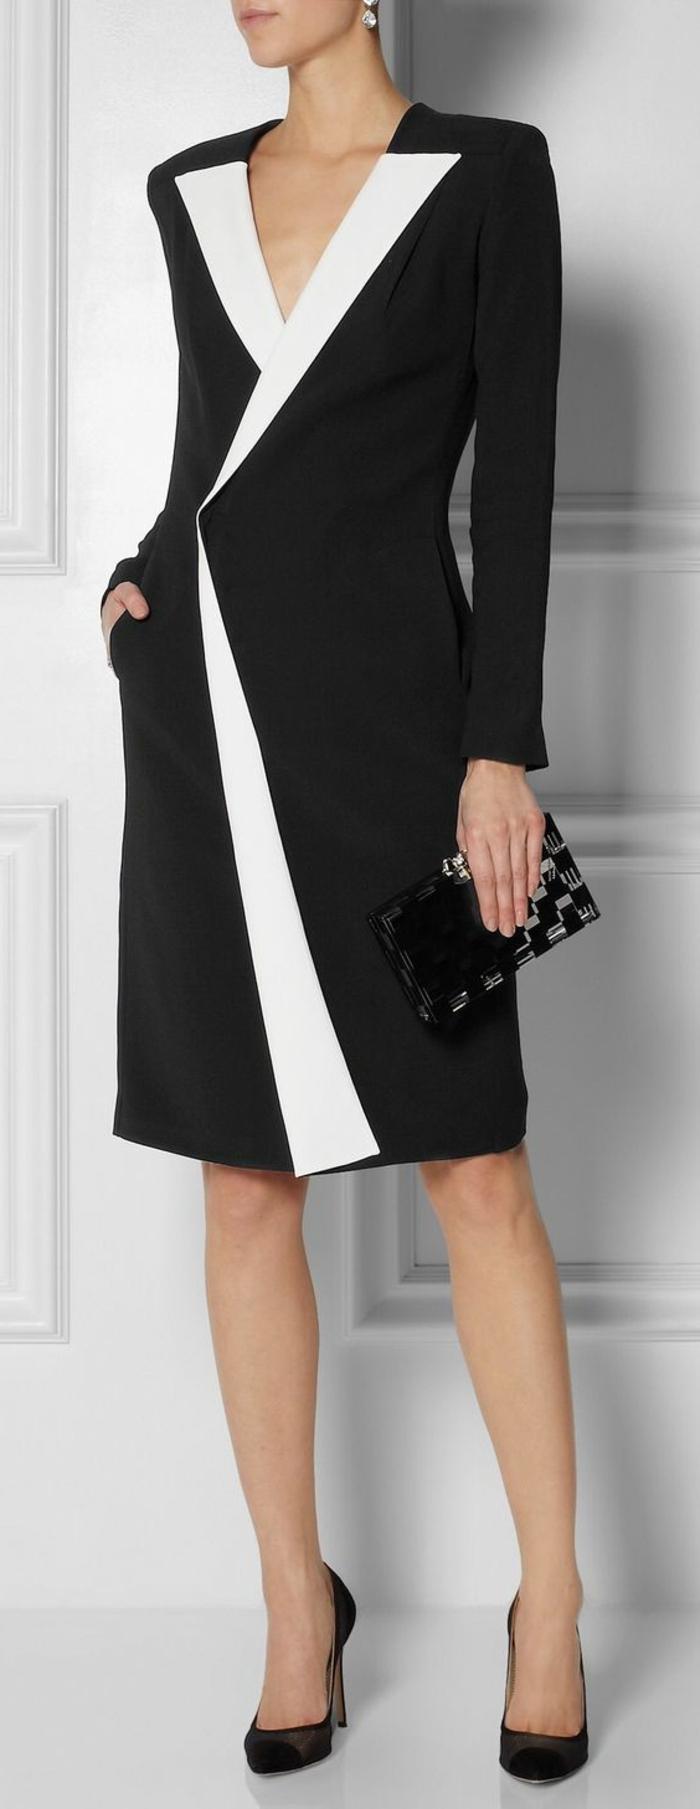 knielanges schwarzes Kleid mit schlichtem Design, mit langen geraden Ärmeln, weißem Kragen und einem V-Ausschnitt aus der Modekollektion vonn Valentino, schwarze Cocktail-Handtasche ohne Henkel, Absatzschuhe aus Velours in zwei Farben, Designer Kristall-Ohrringe